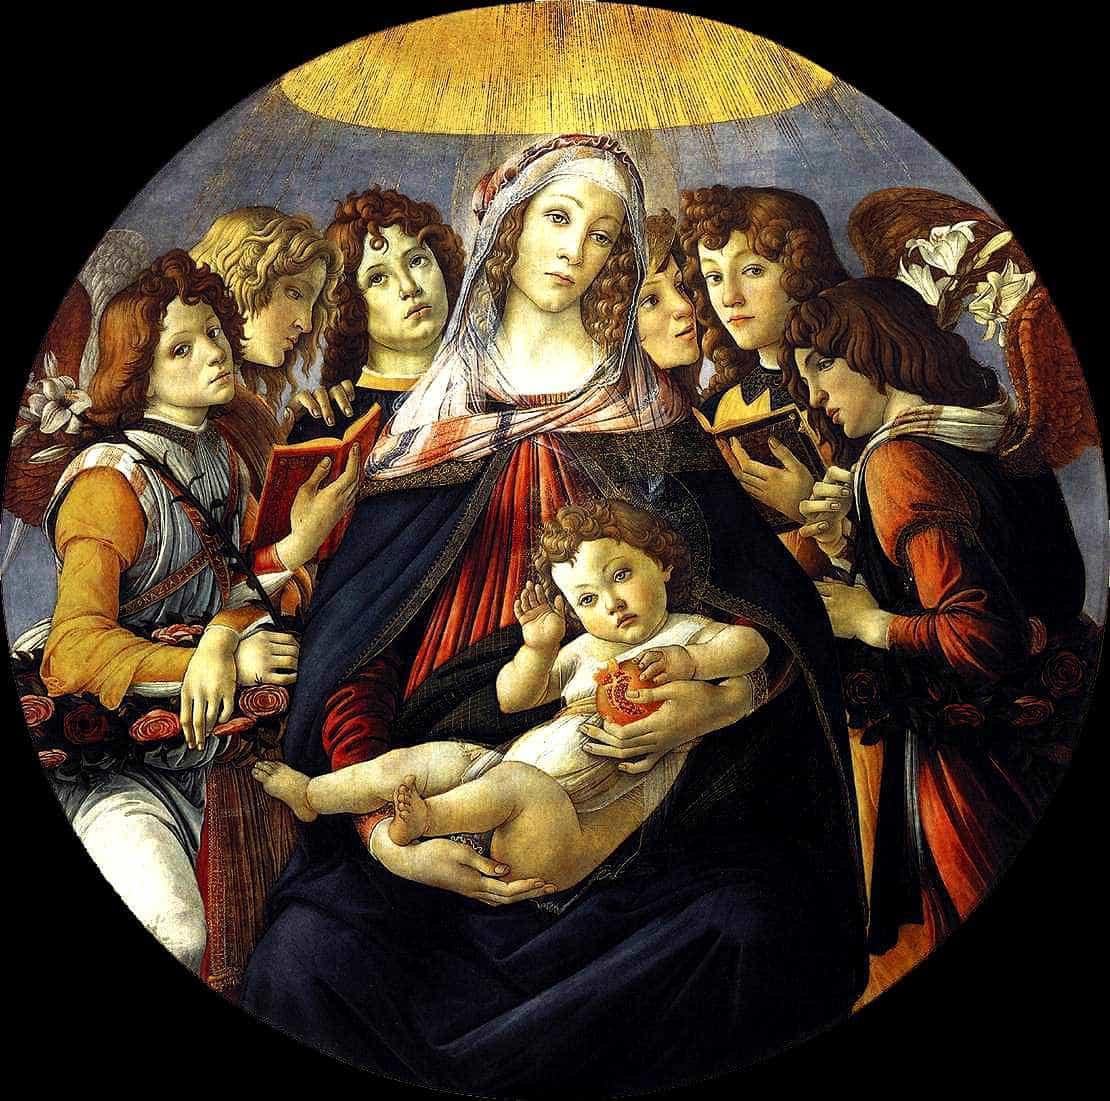 Obra de Botticelli escondia anatomia do coração humano